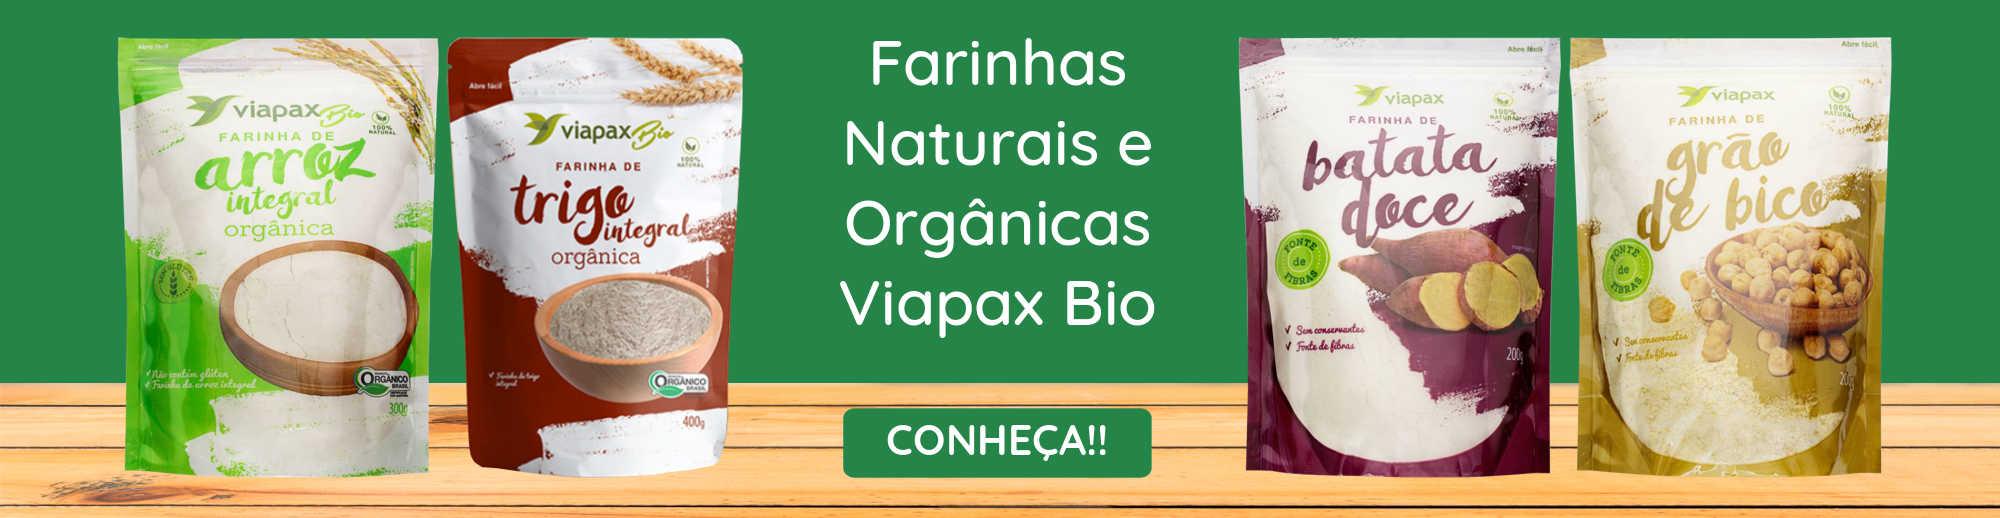 Farinhas Viapax Bio